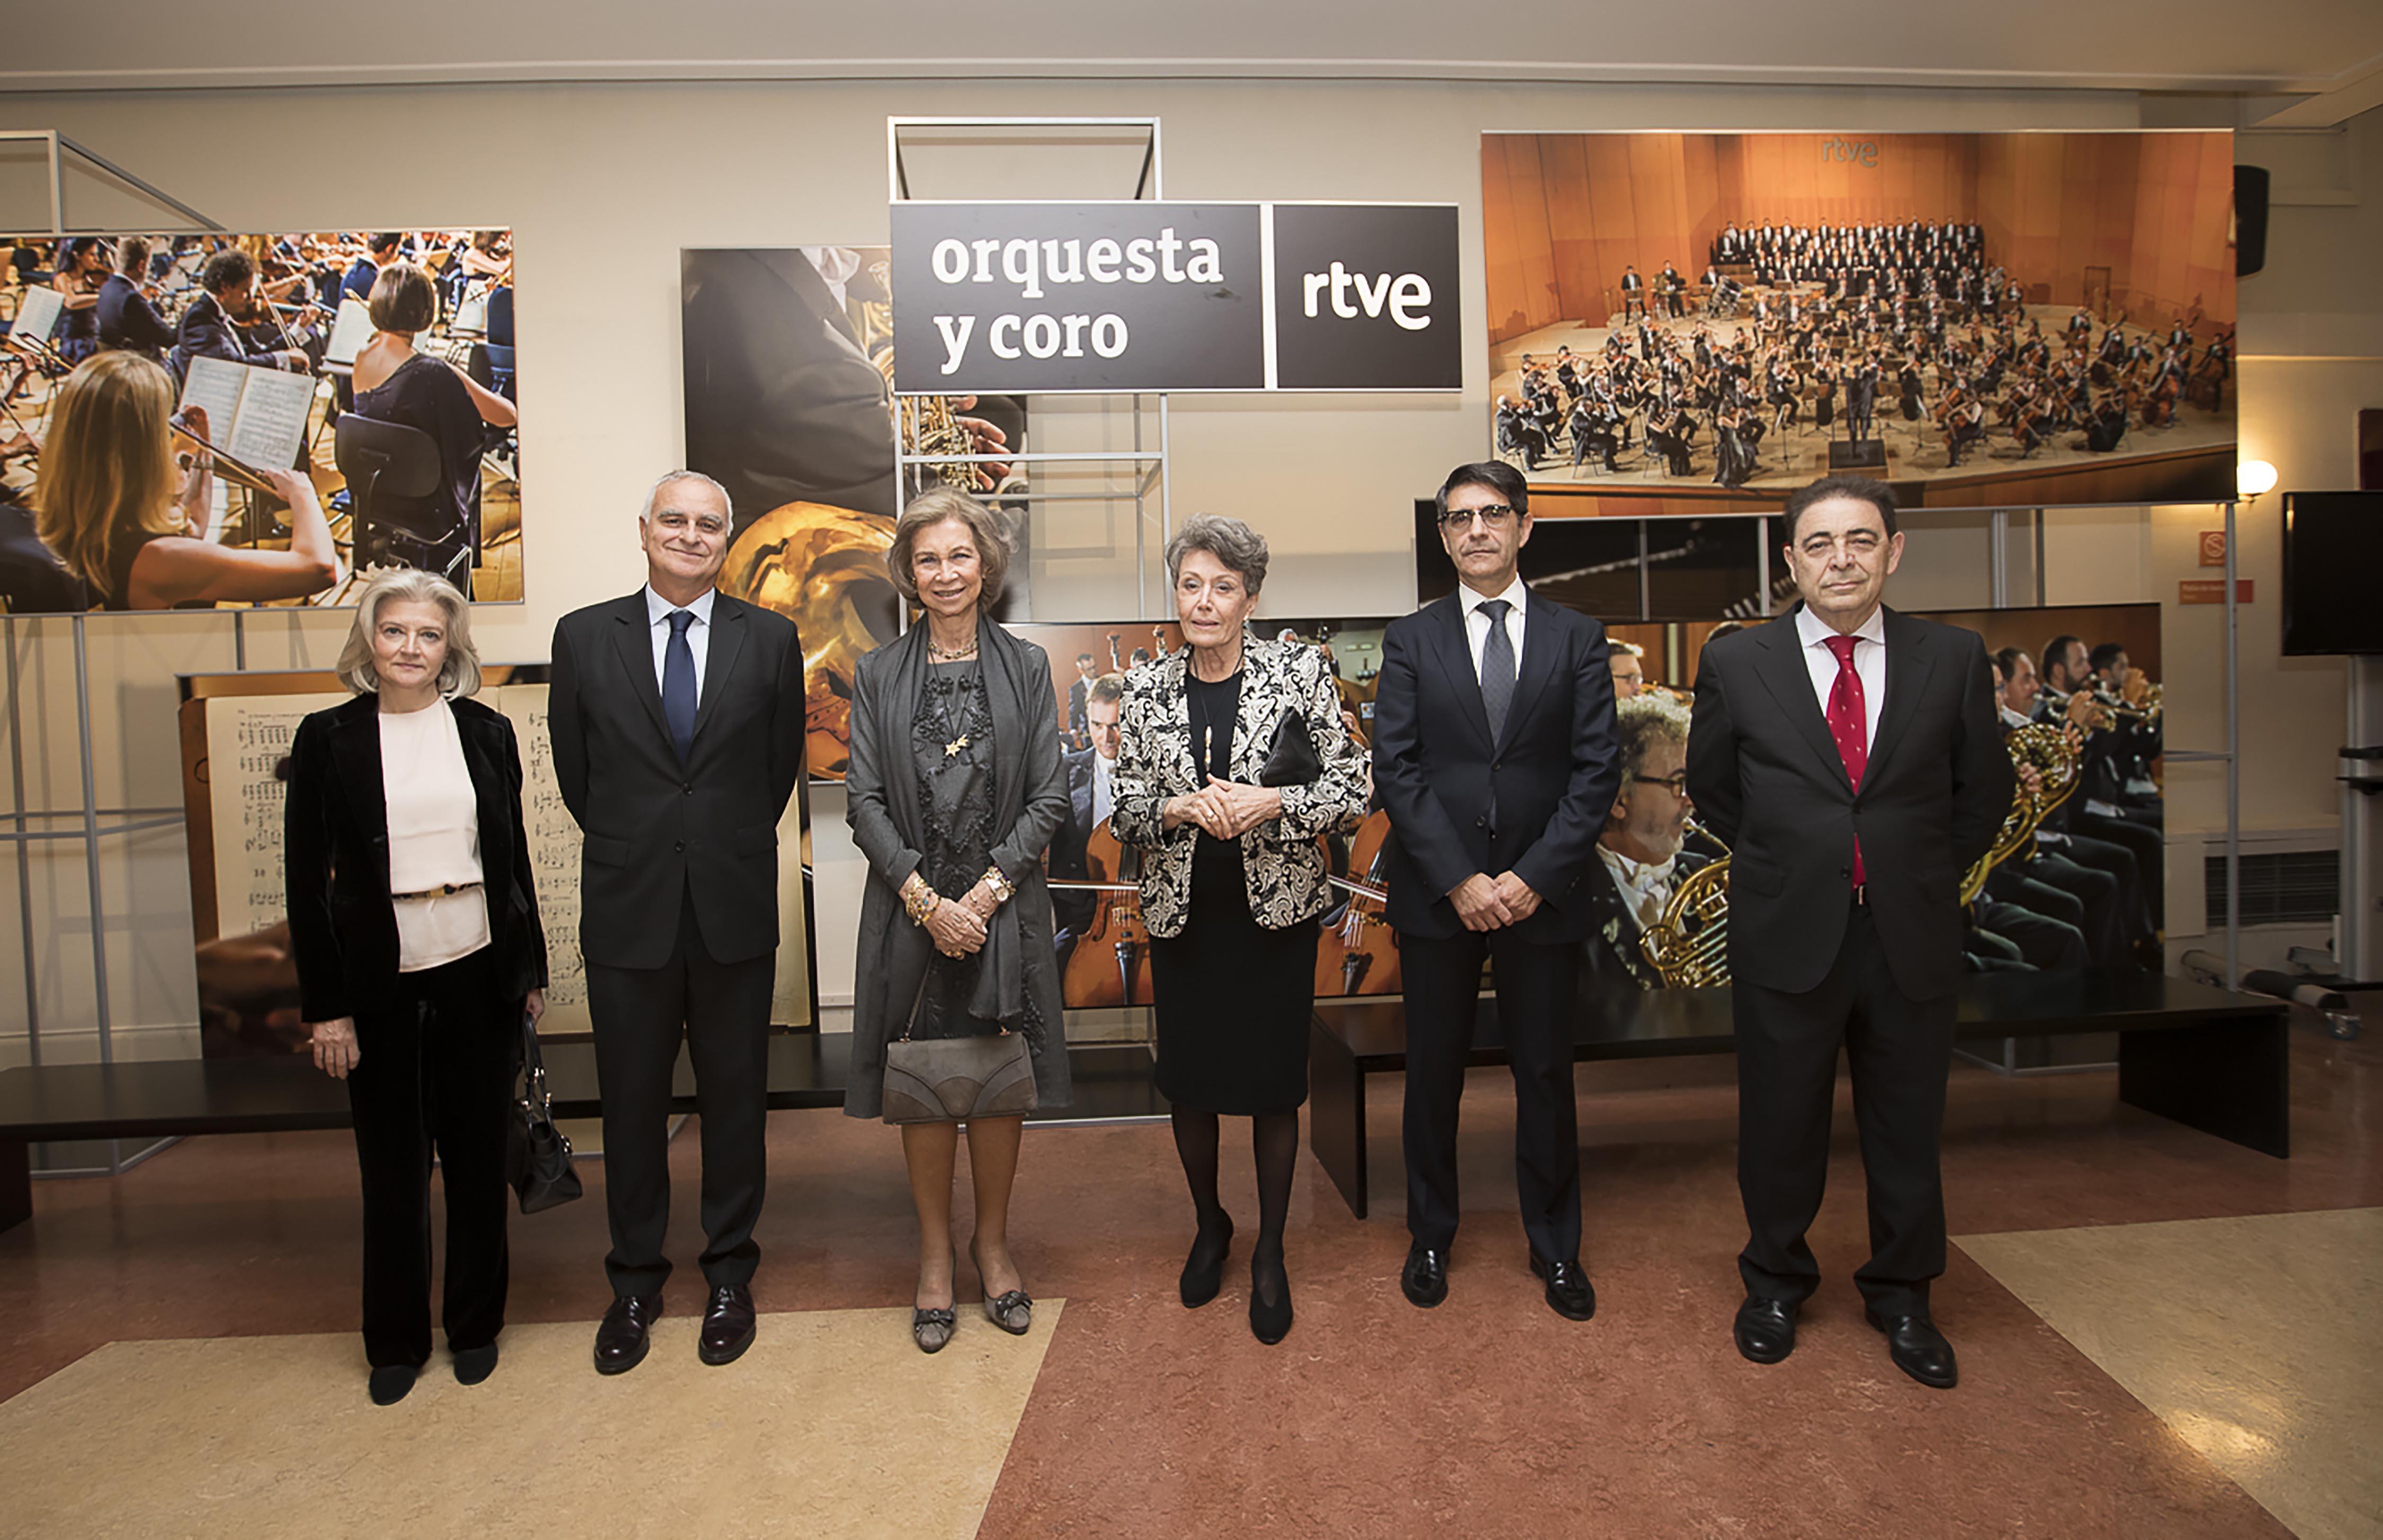 Carta-opinión sobre concierto Orquesta RTVE de nuevo en el Monumental